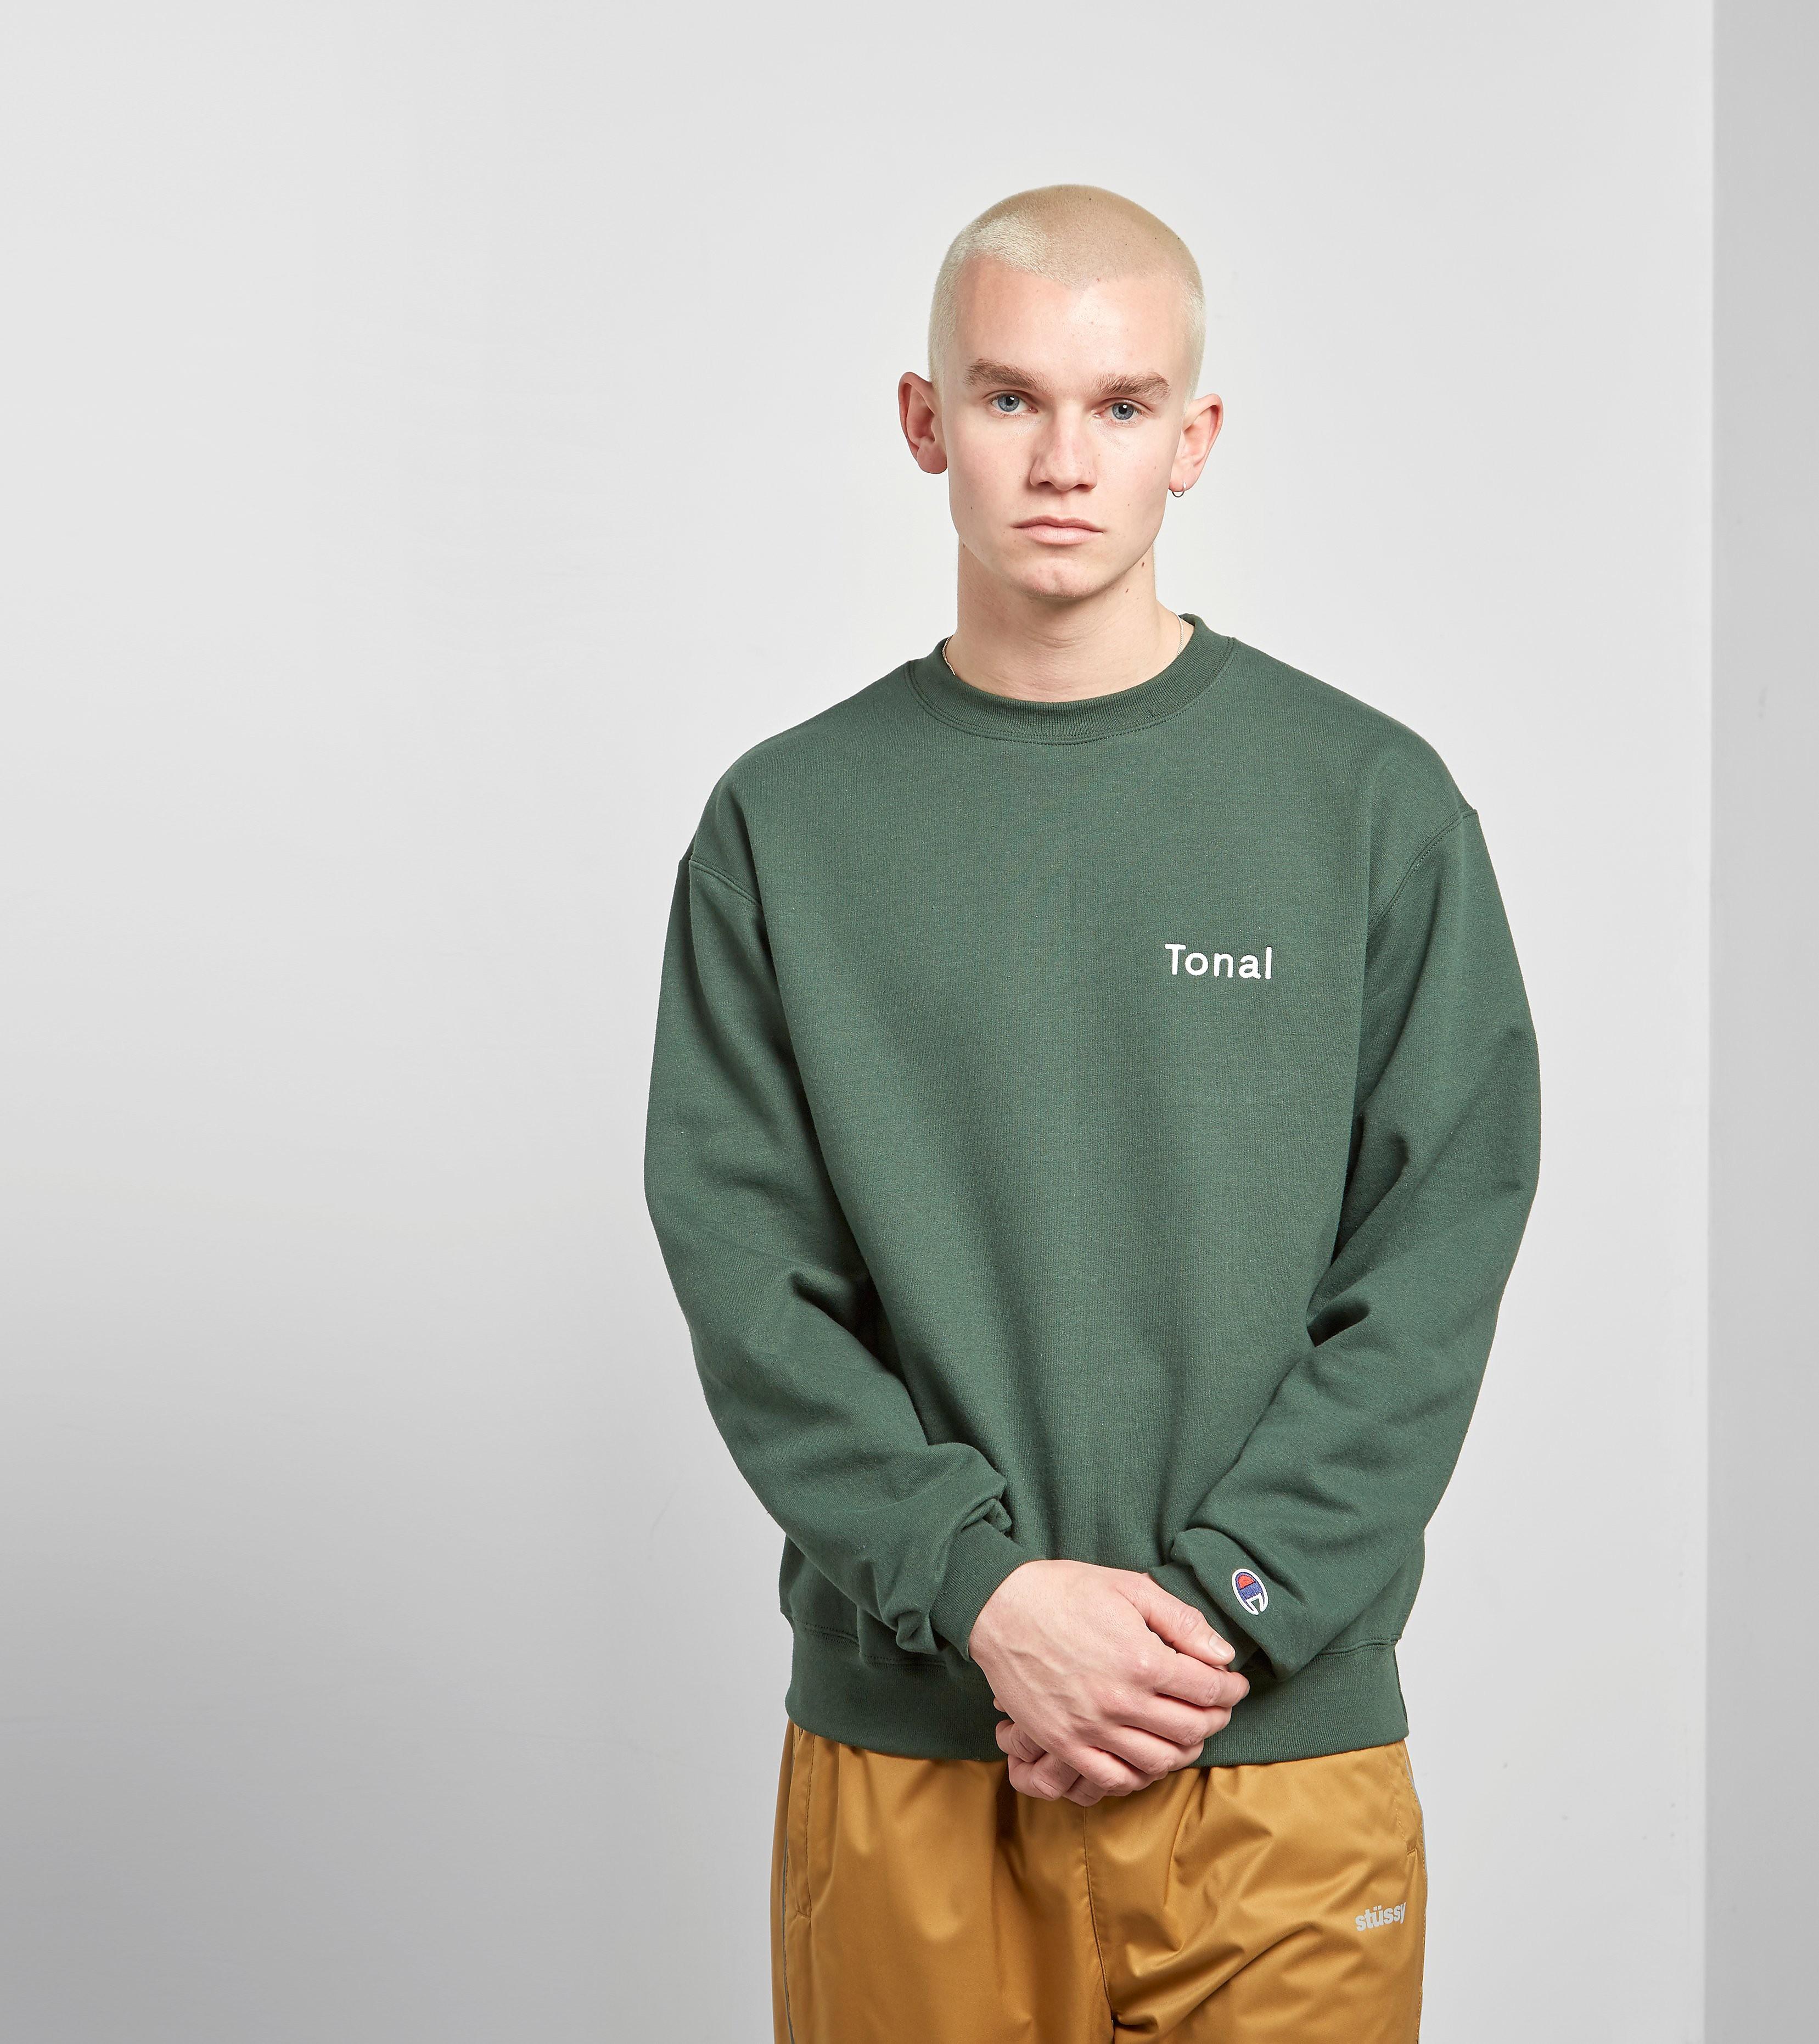 Tonal Studio Sweatshirt